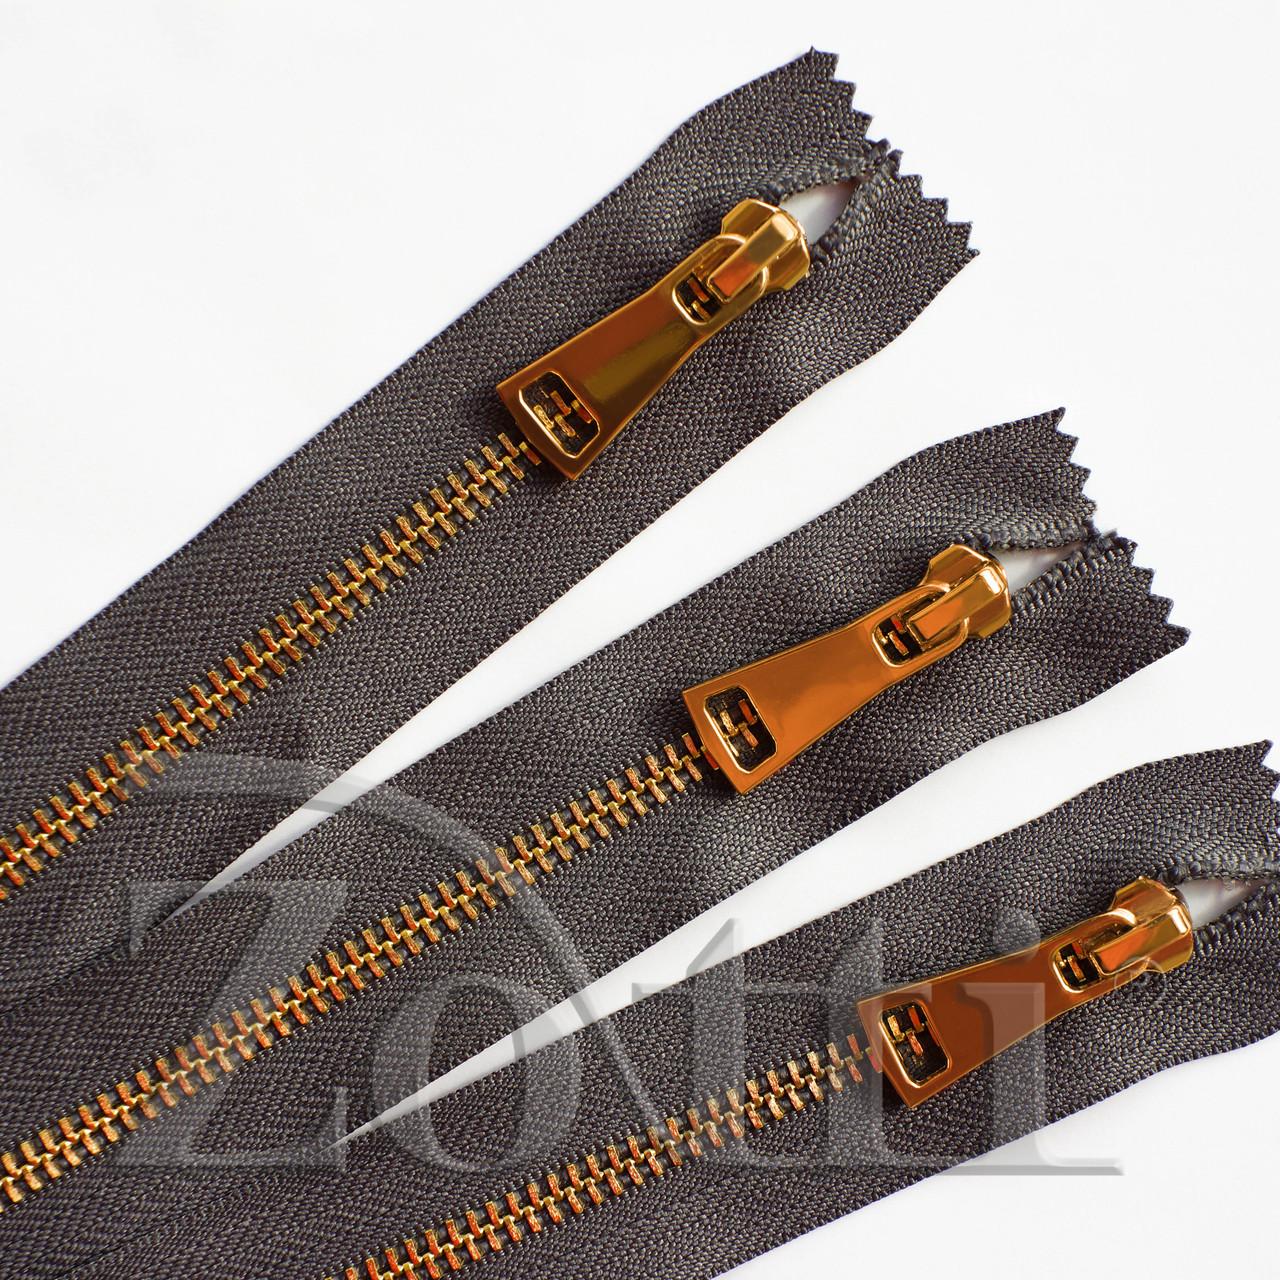 Молния (змейка,застежка) металлическая №5, размерная, обувная, серая, с золотым бегунком № 115 - 18 см